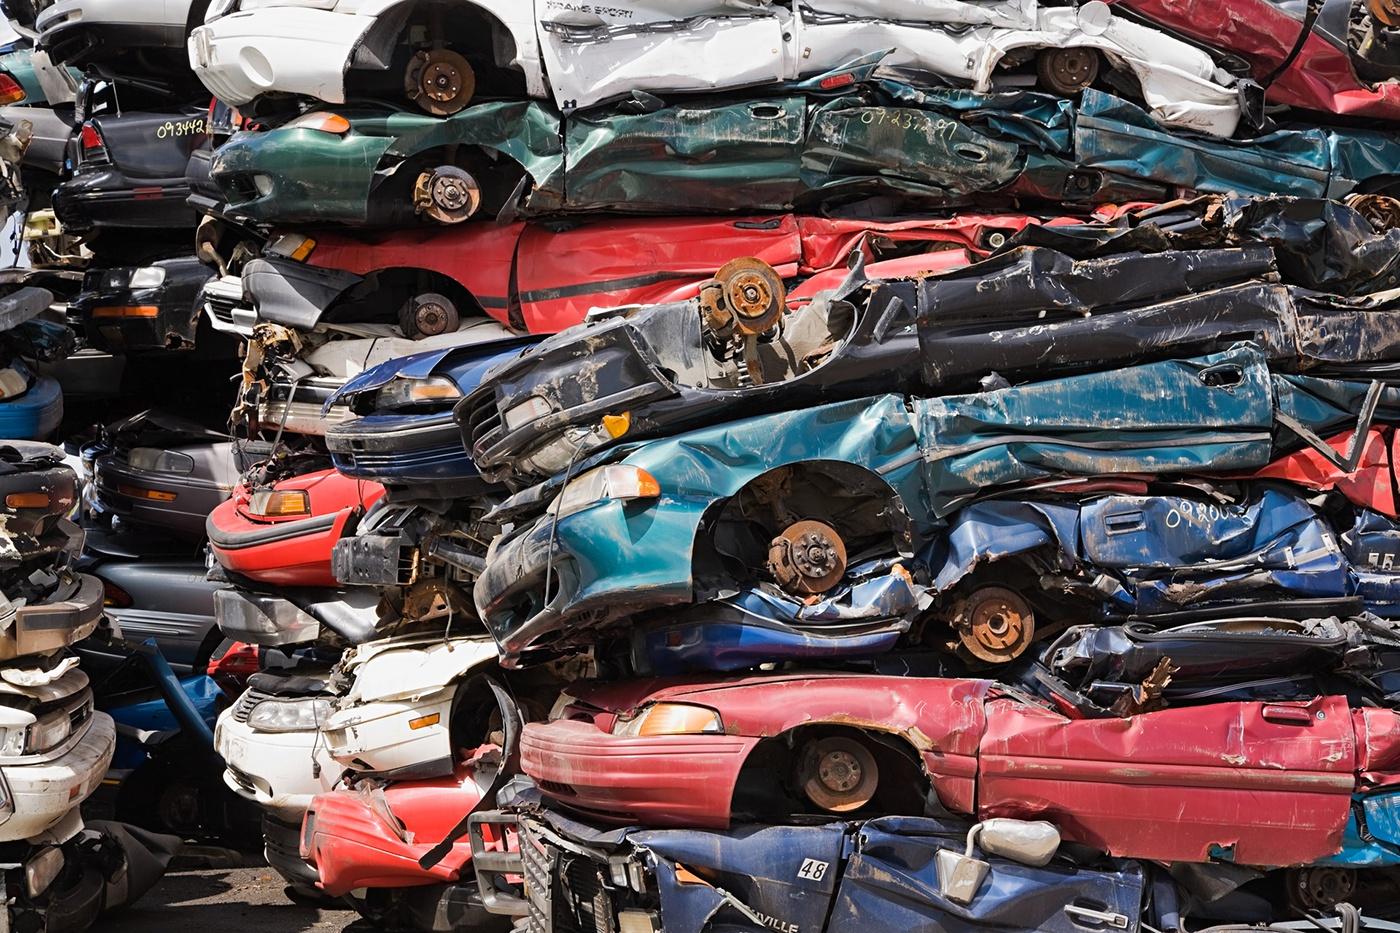 《报废机动车回收管理办法实施细则》将于9月1日起施行